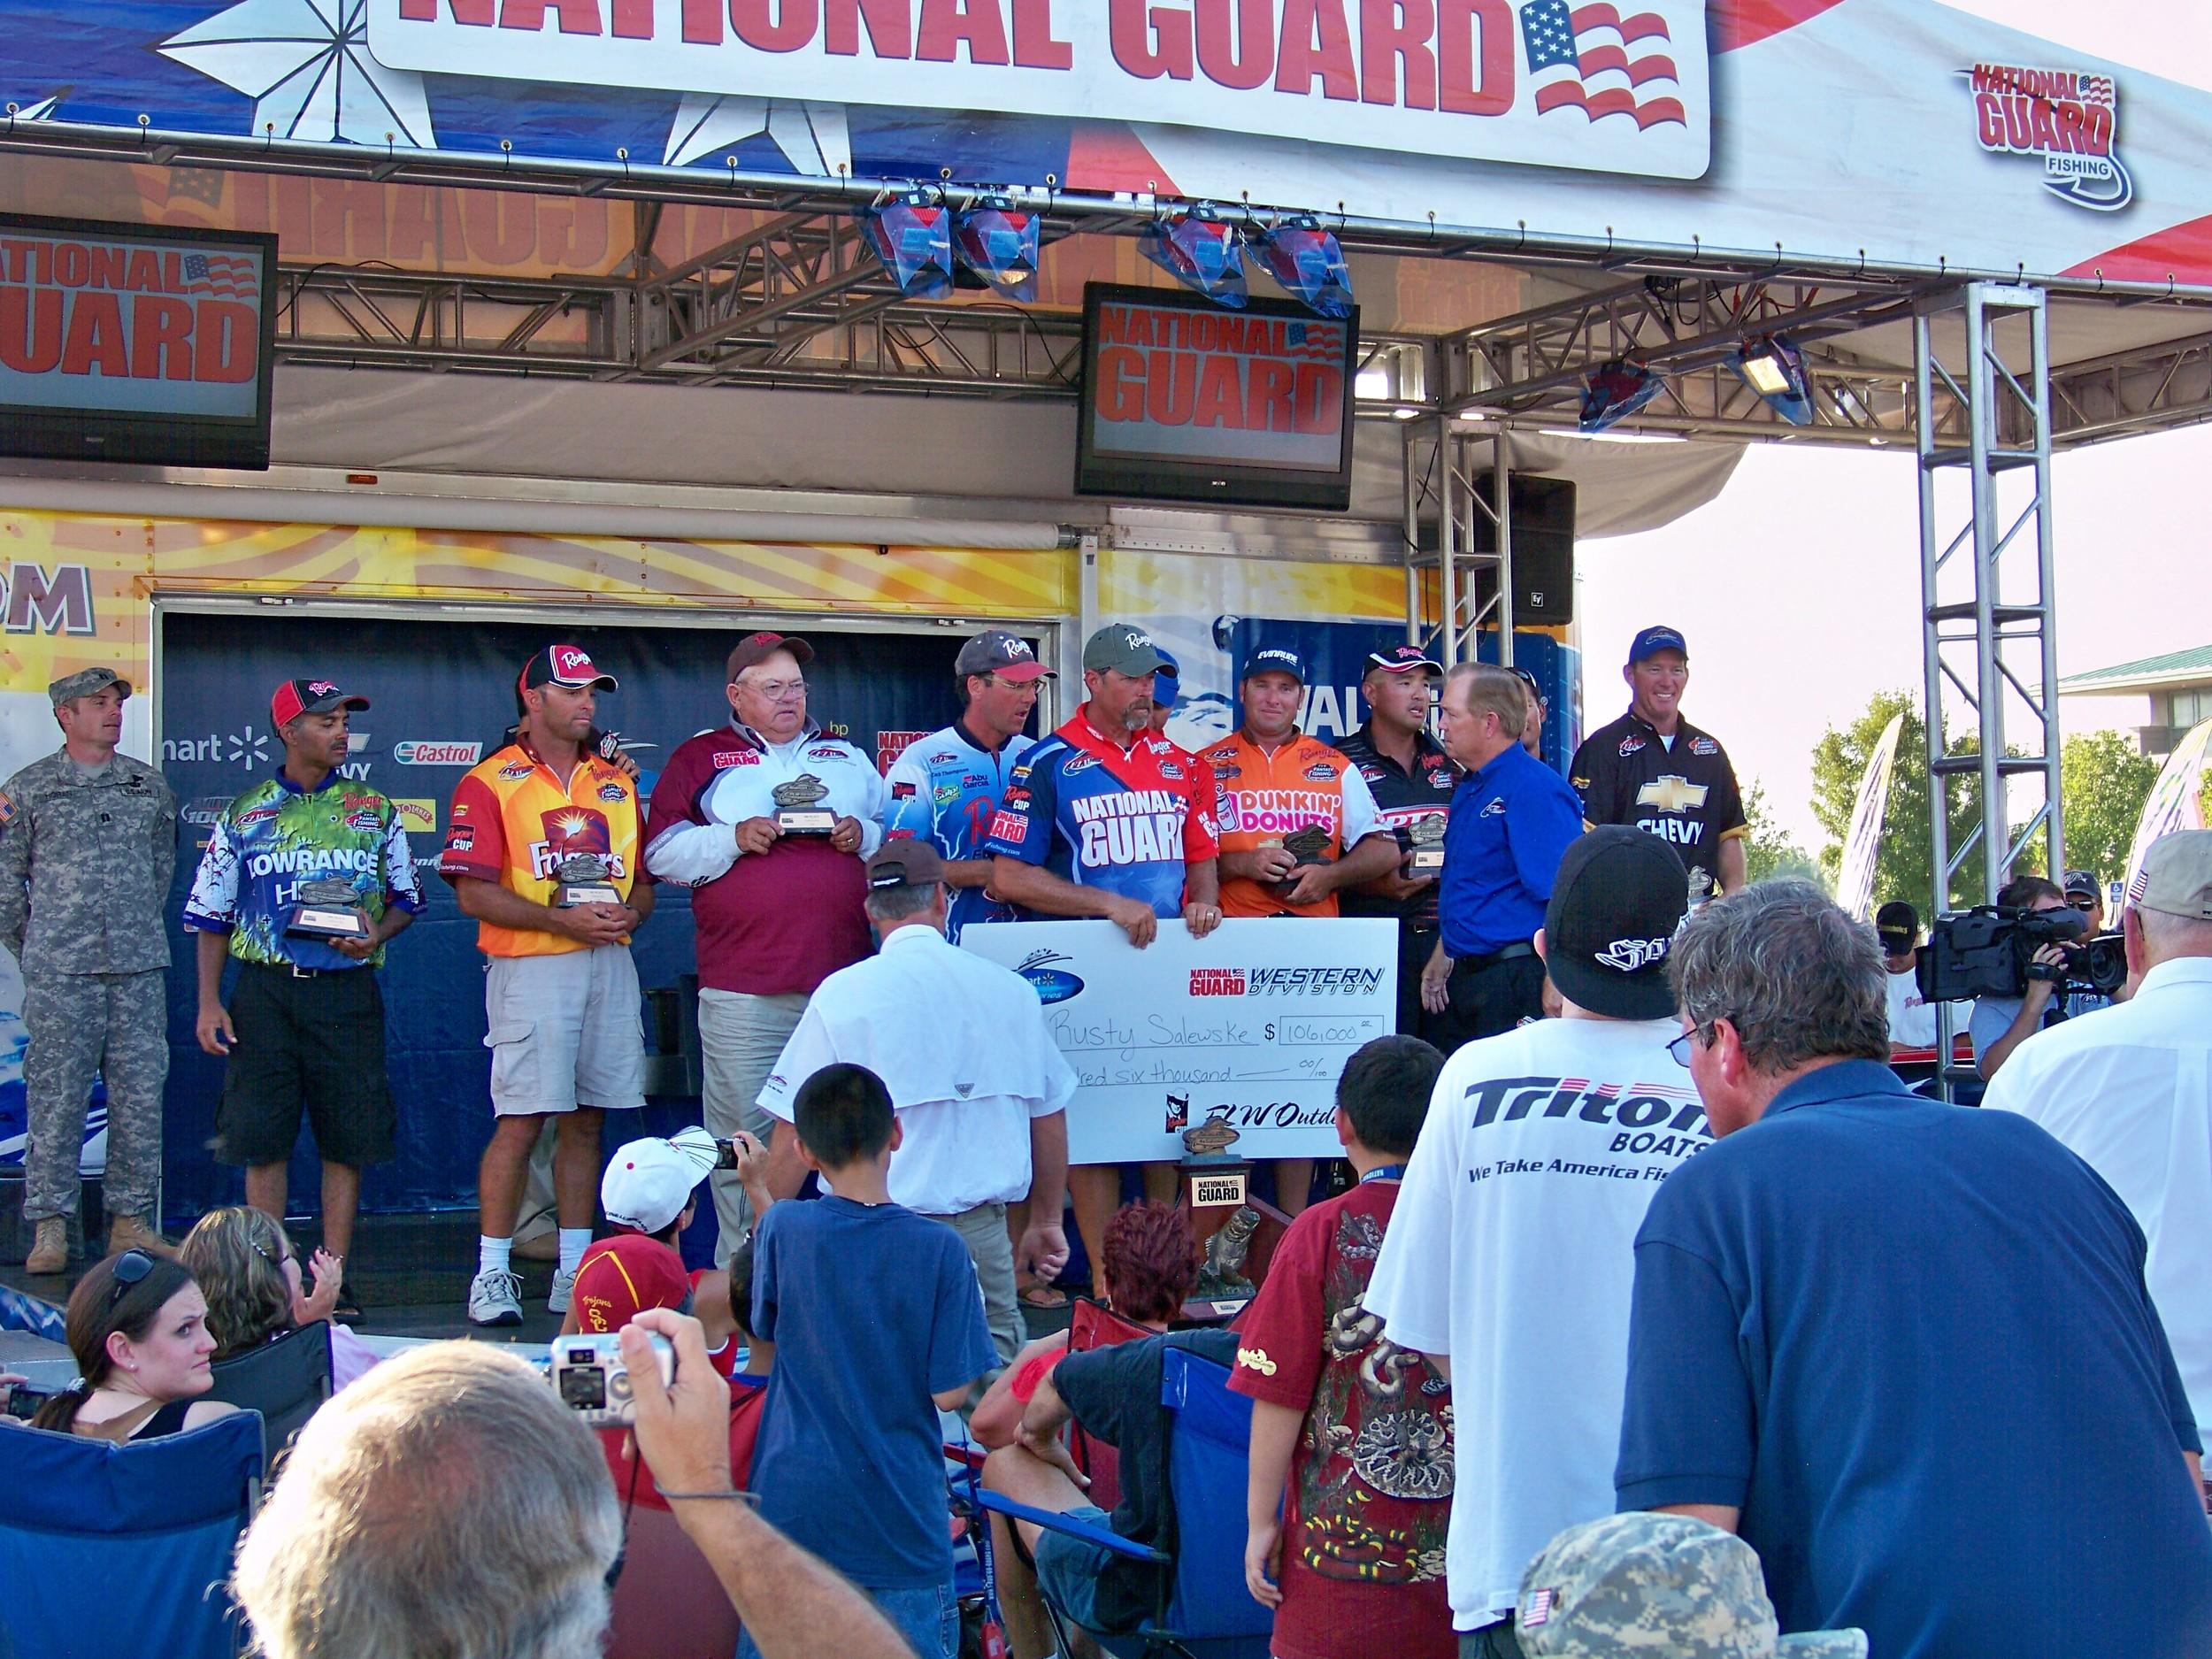 Top 10 Flw National Guard California Delta 9/09